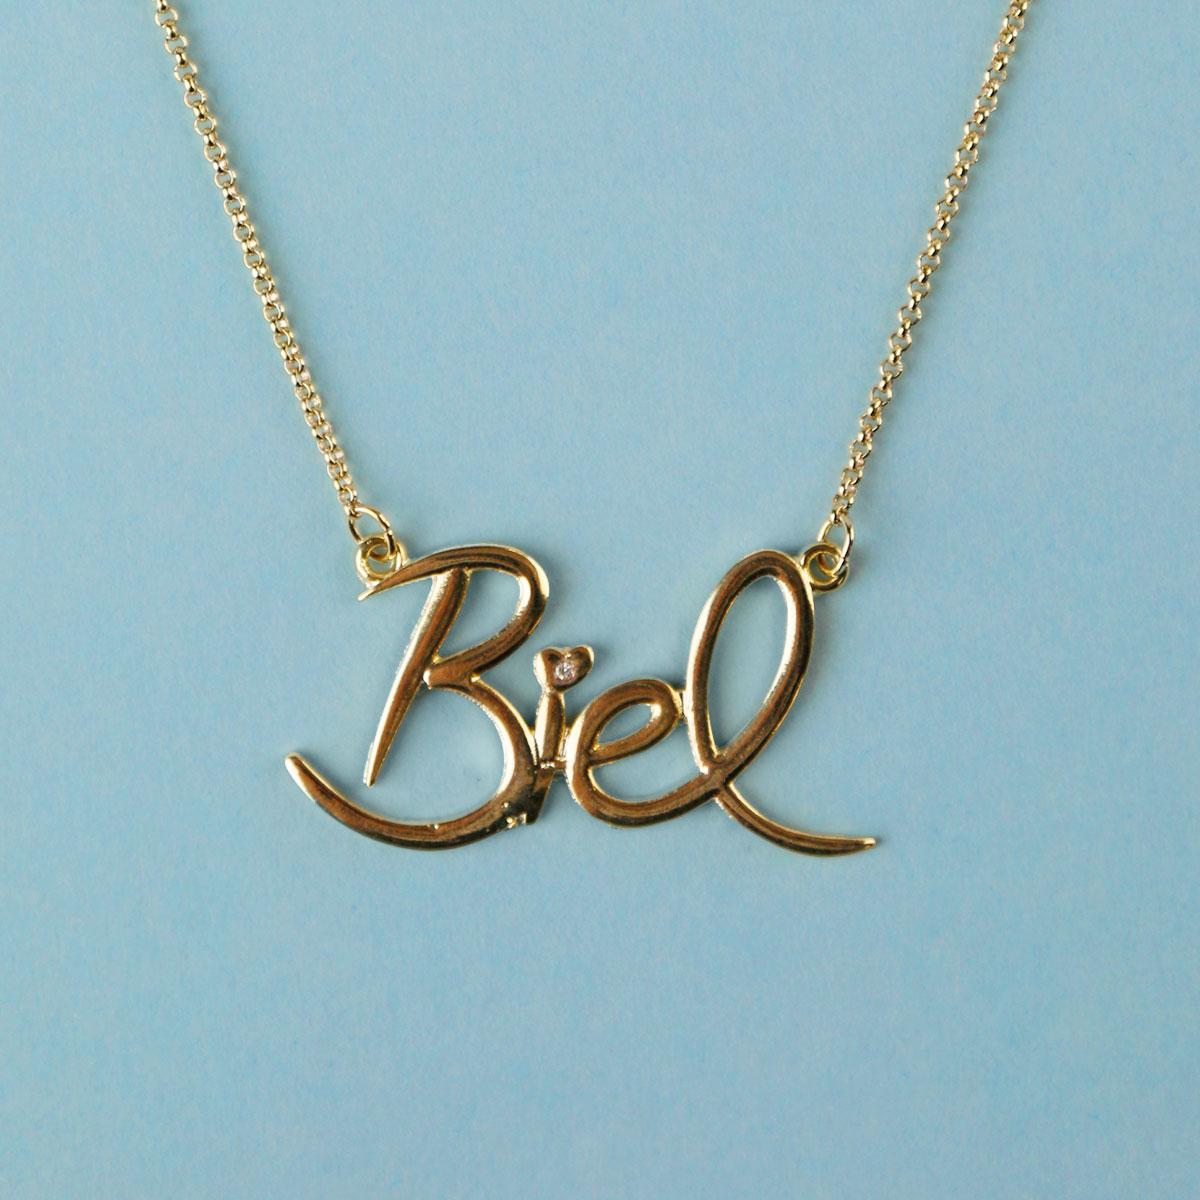 Colar Ouro Biel Logo